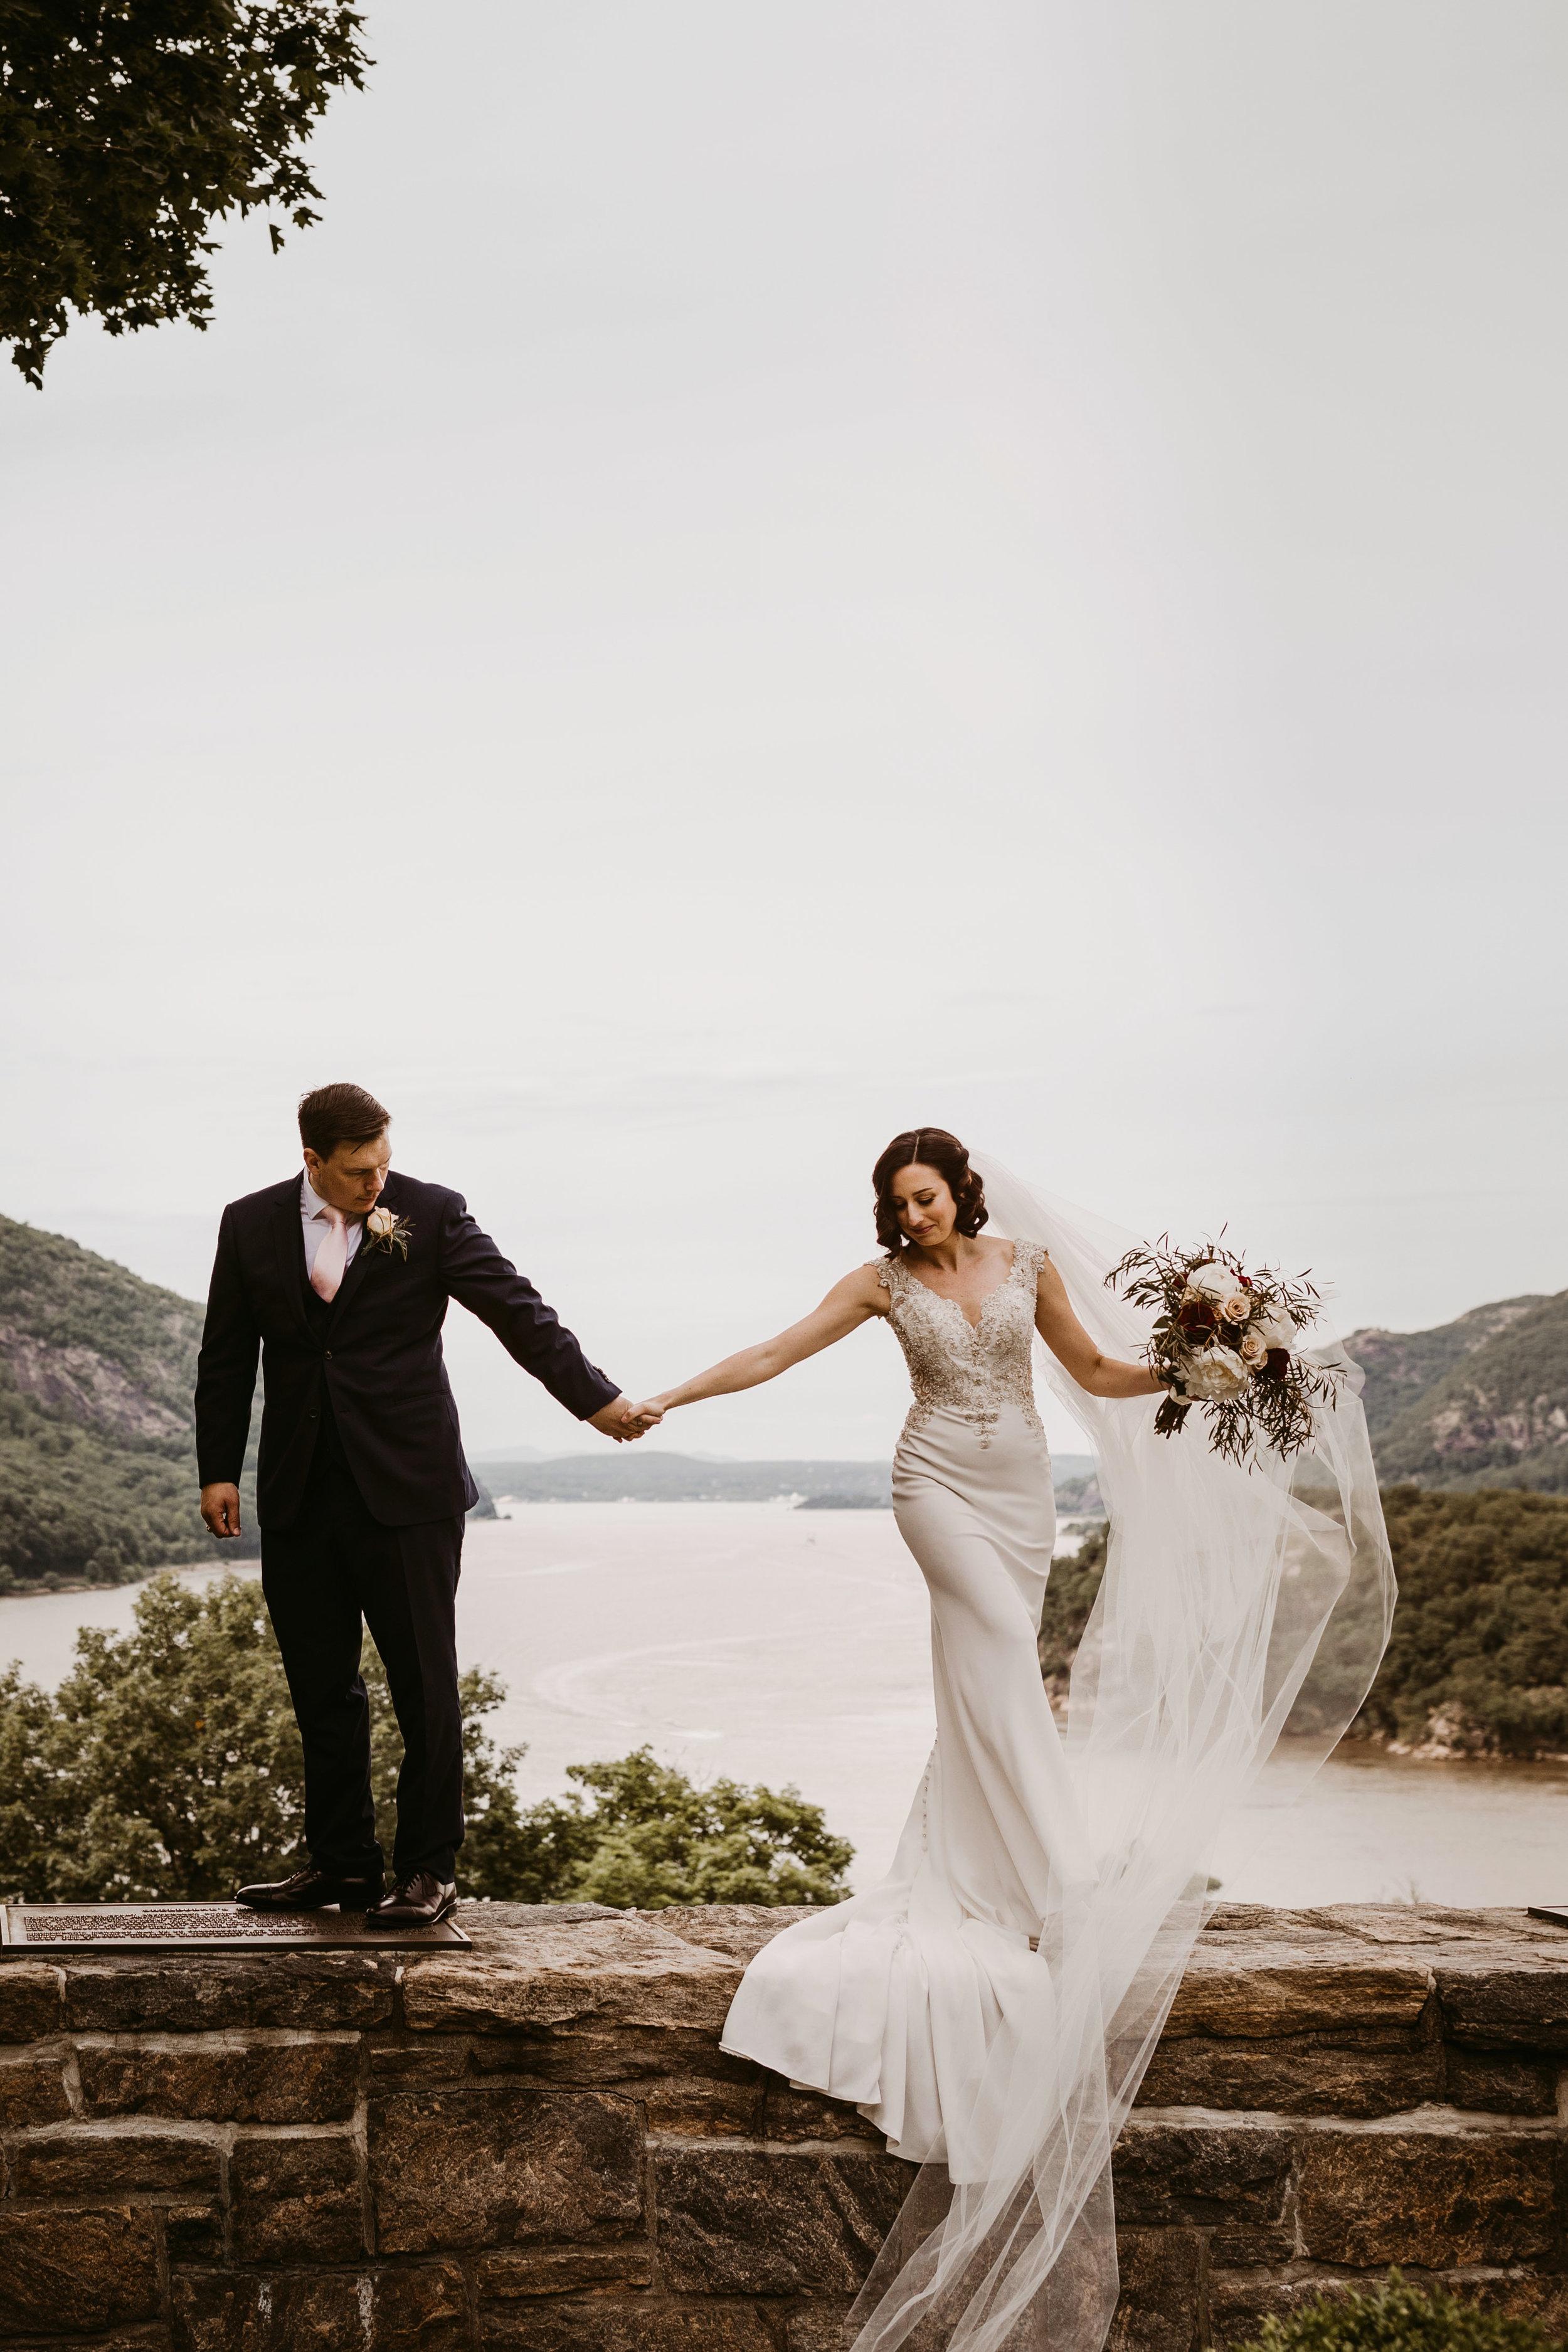 LaurenandAlex-weddingpreviews(11of35).jpg